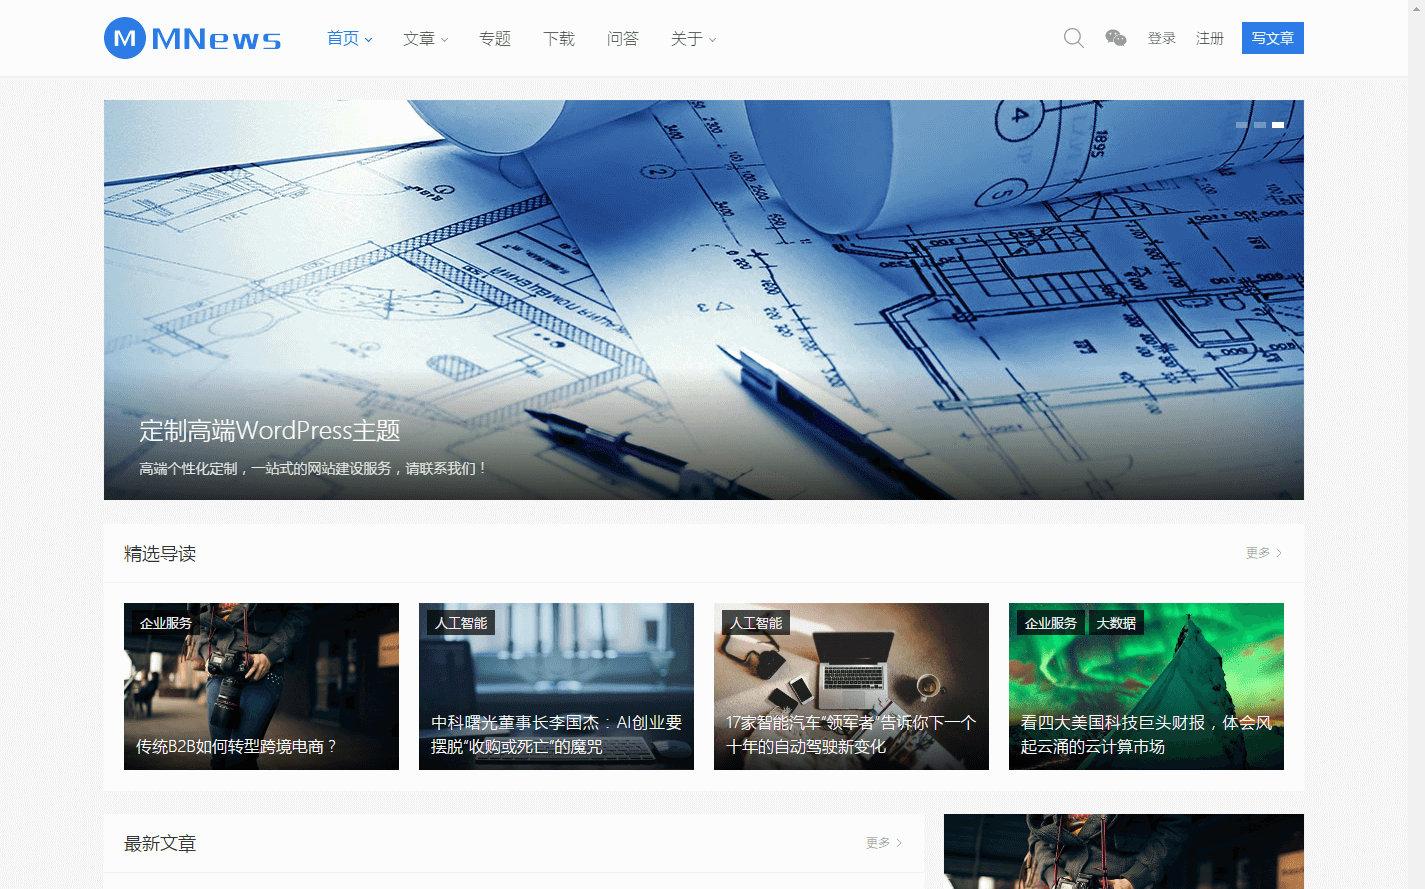 价值998元的WordPress自媒体MNews2.4版本主题下载 第1张